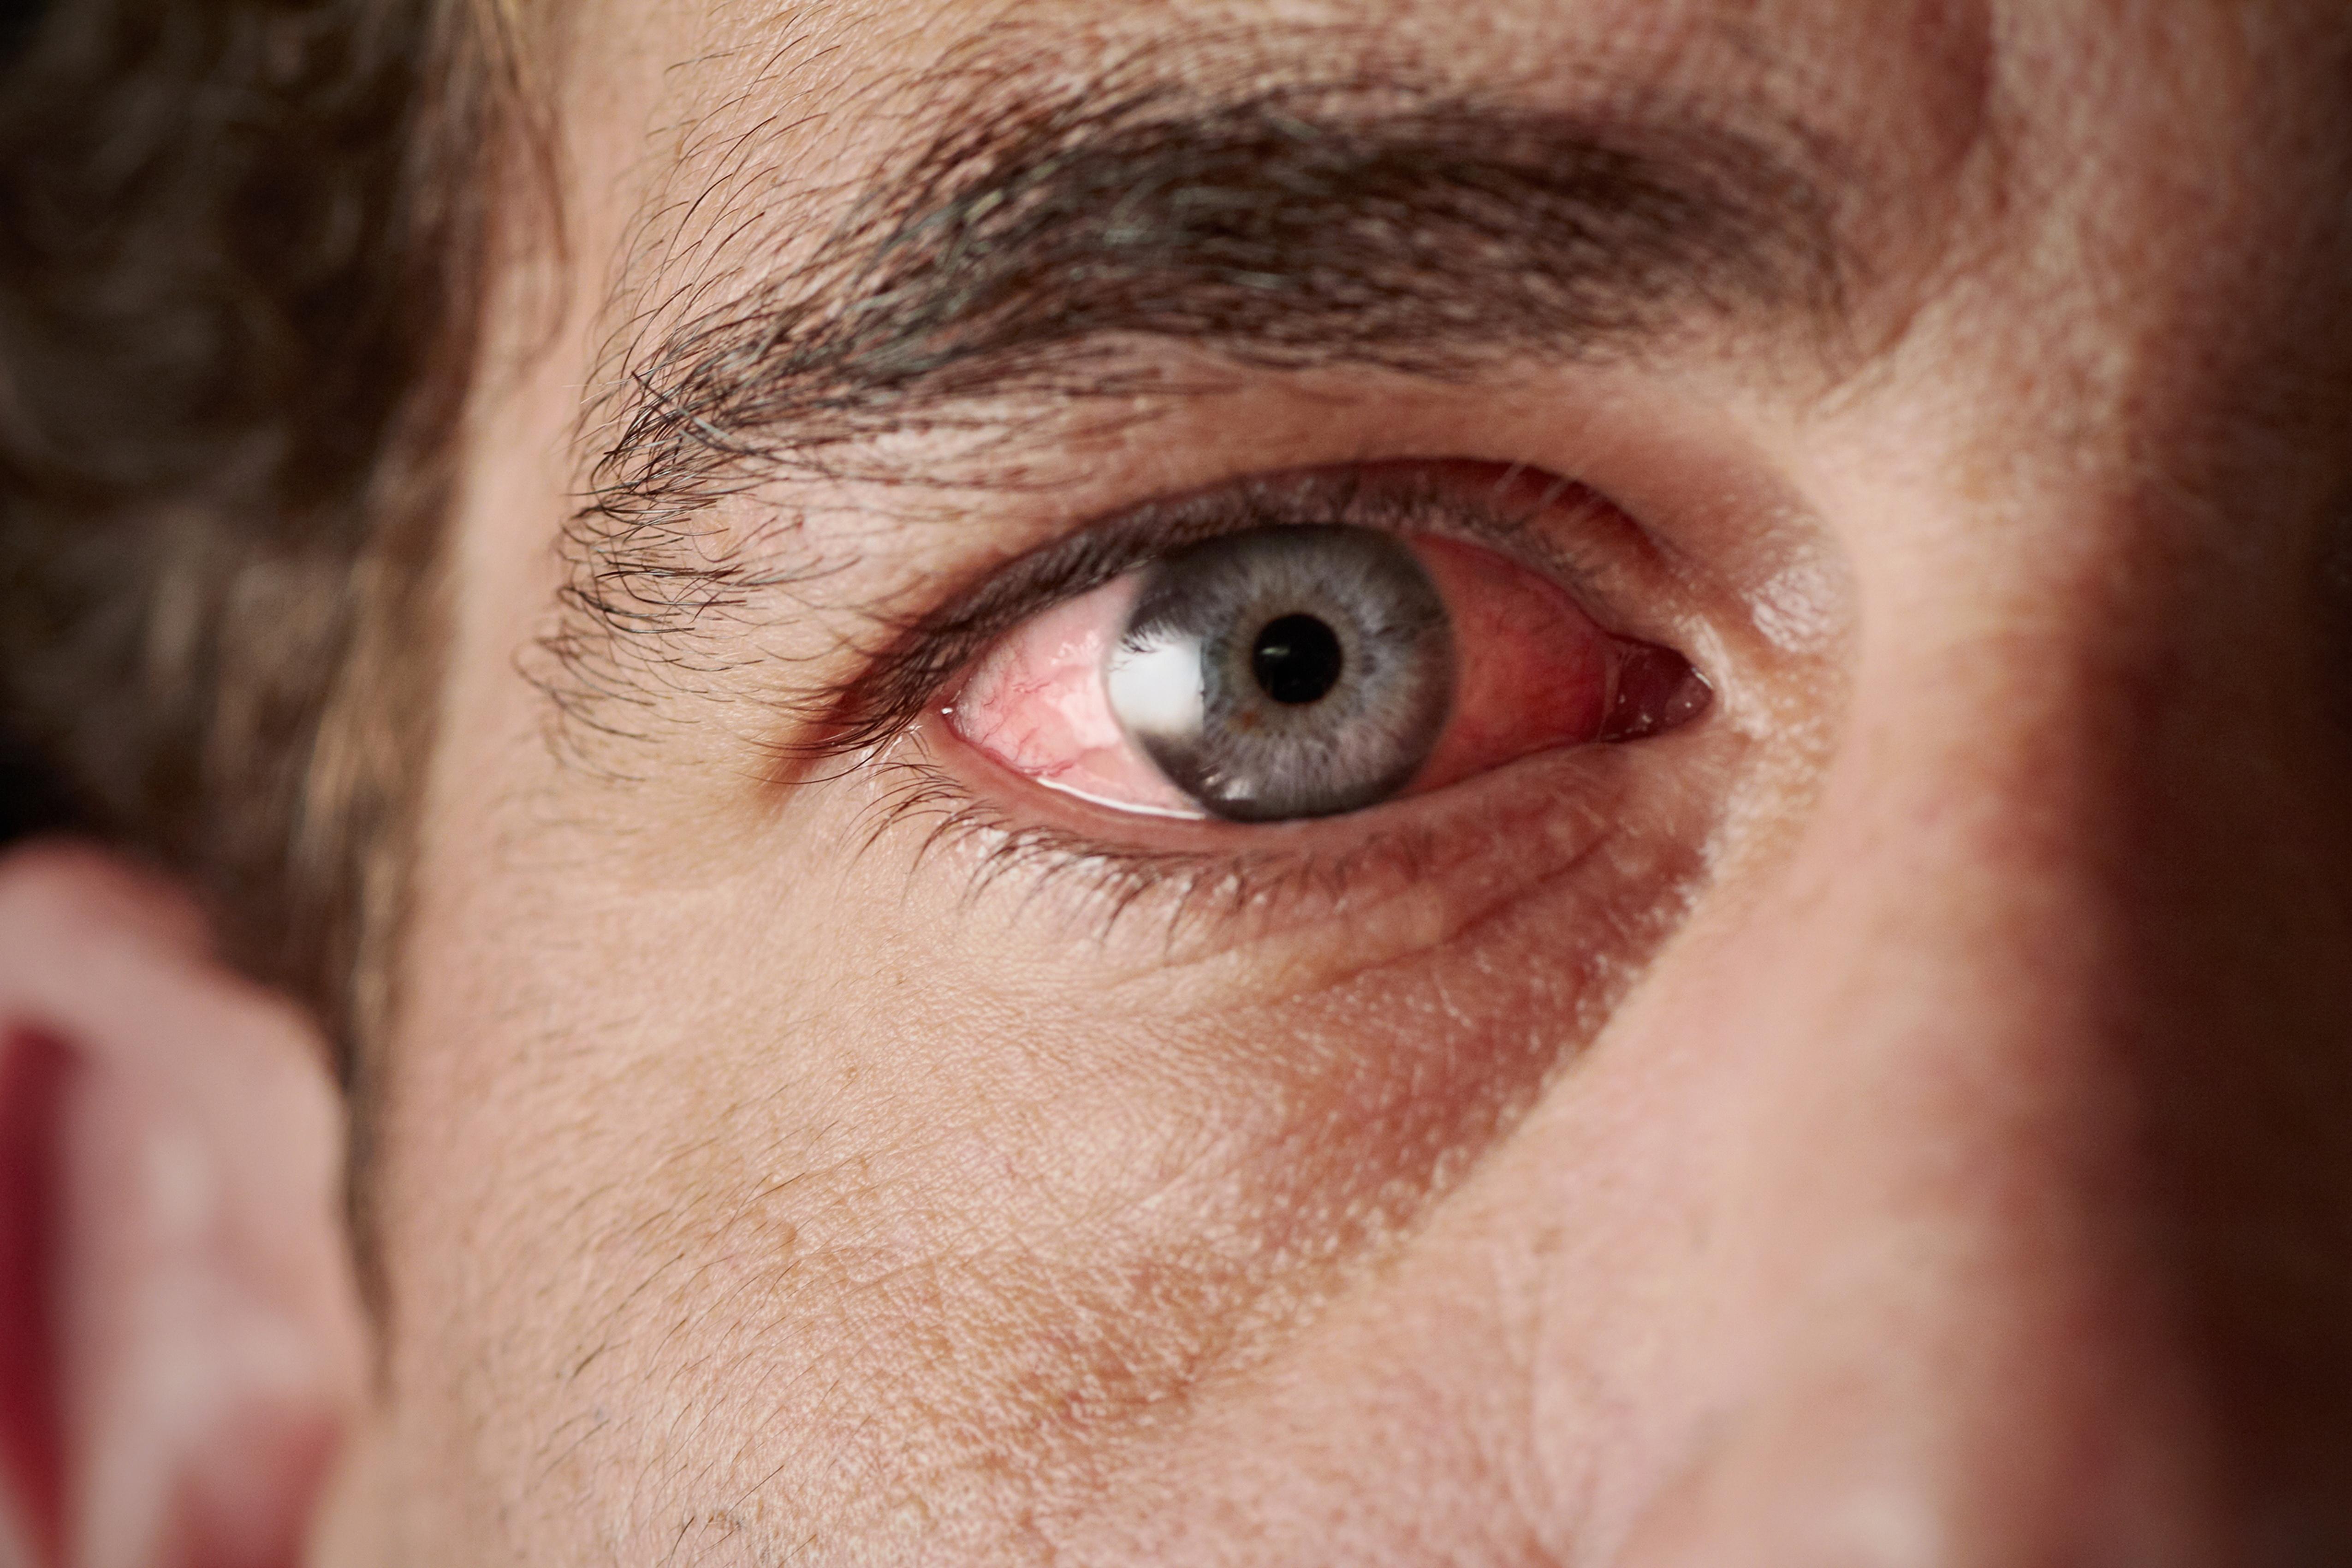 ha a szem alatt vörös pikkelyes foltok vannak)